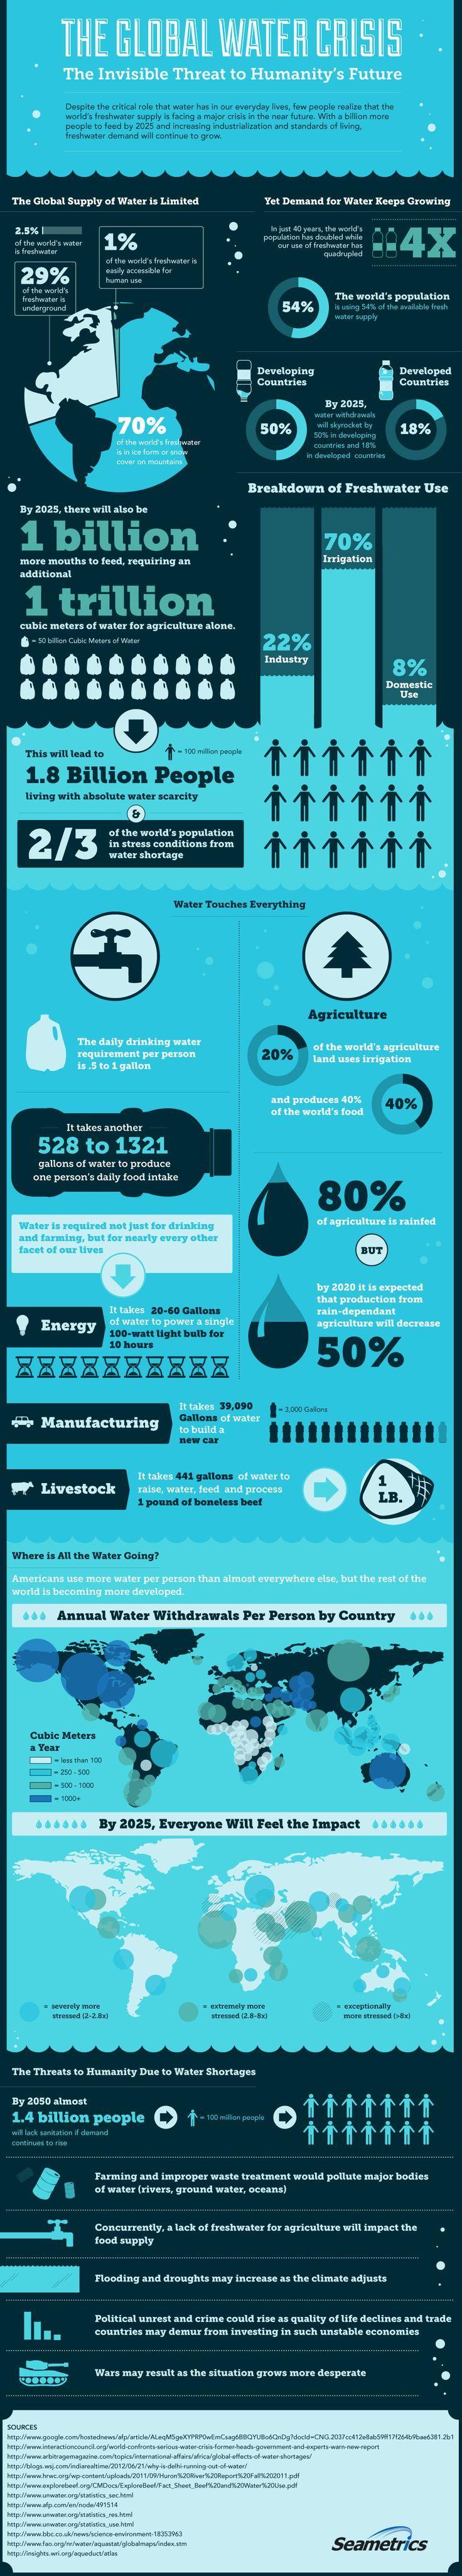 Lo Que Se Necesita Saber Sobre El Agua Del Mundo No está con movimiento, pero maneja bien mucha información, muchos numeros, y conceptos, entonces lo incluyo. #infografias #infographic